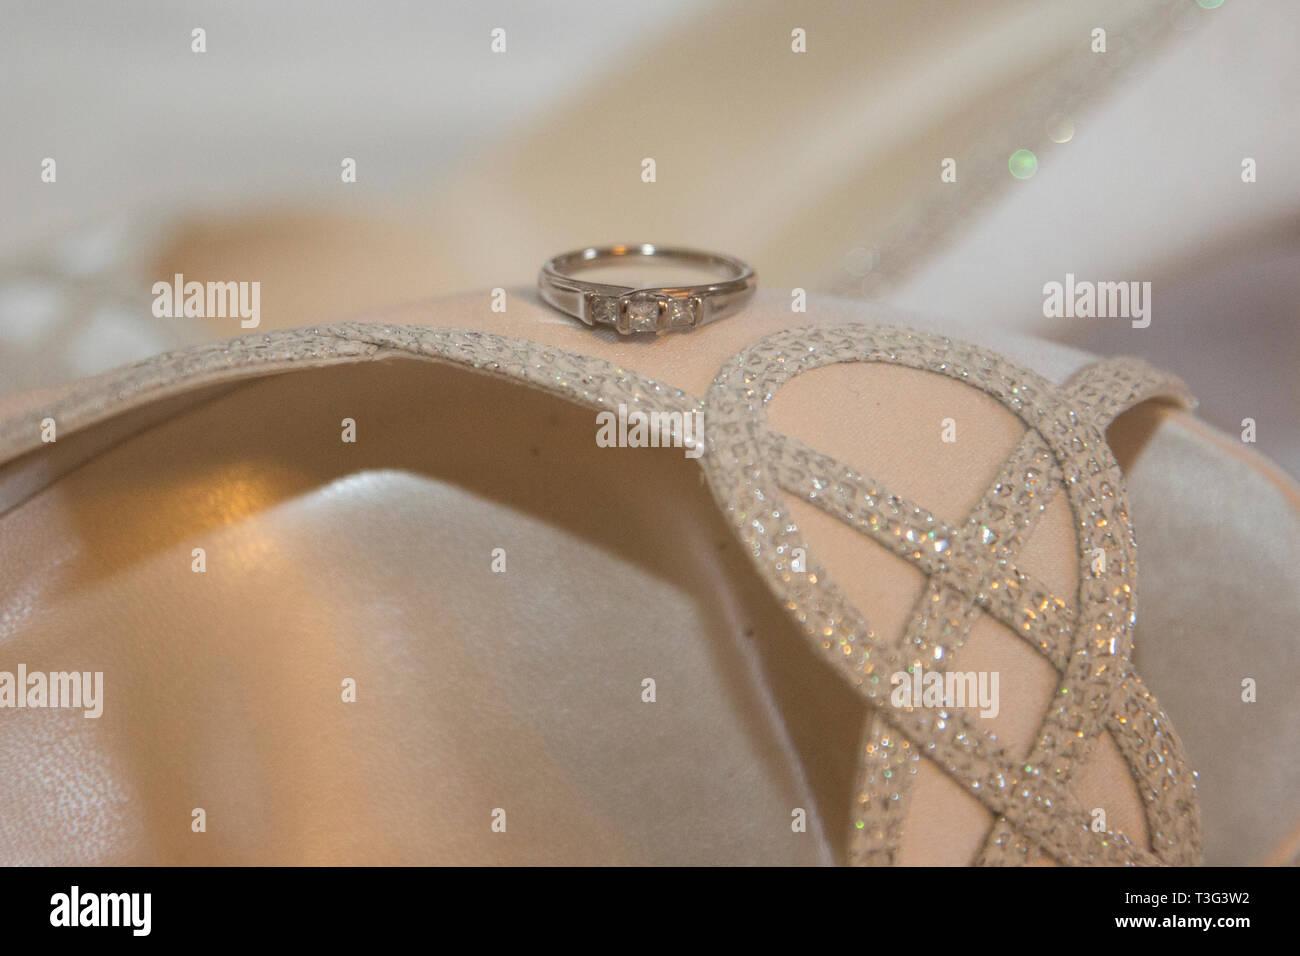 Anello di fidanzamento, close up, seduto su un lato di un spose' scarpa scintillanti sul suo giorno di nozze Immagini Stock